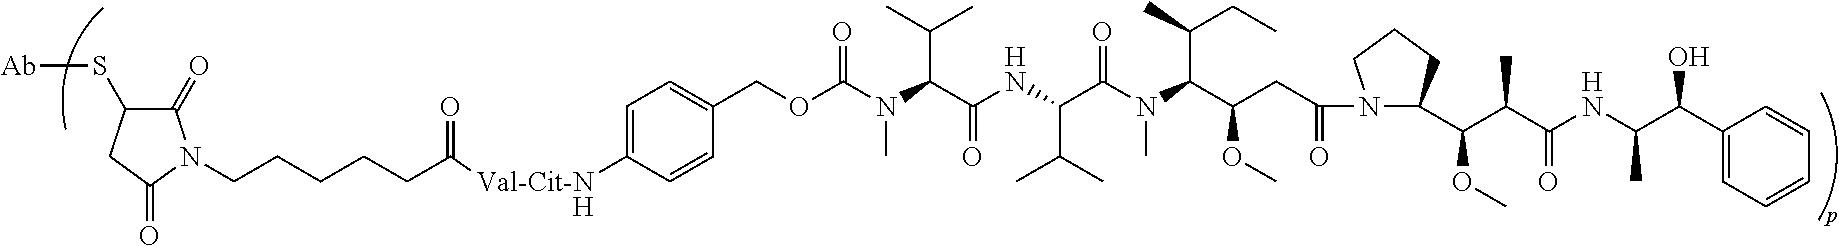 Figure US09562099-20170207-C00006